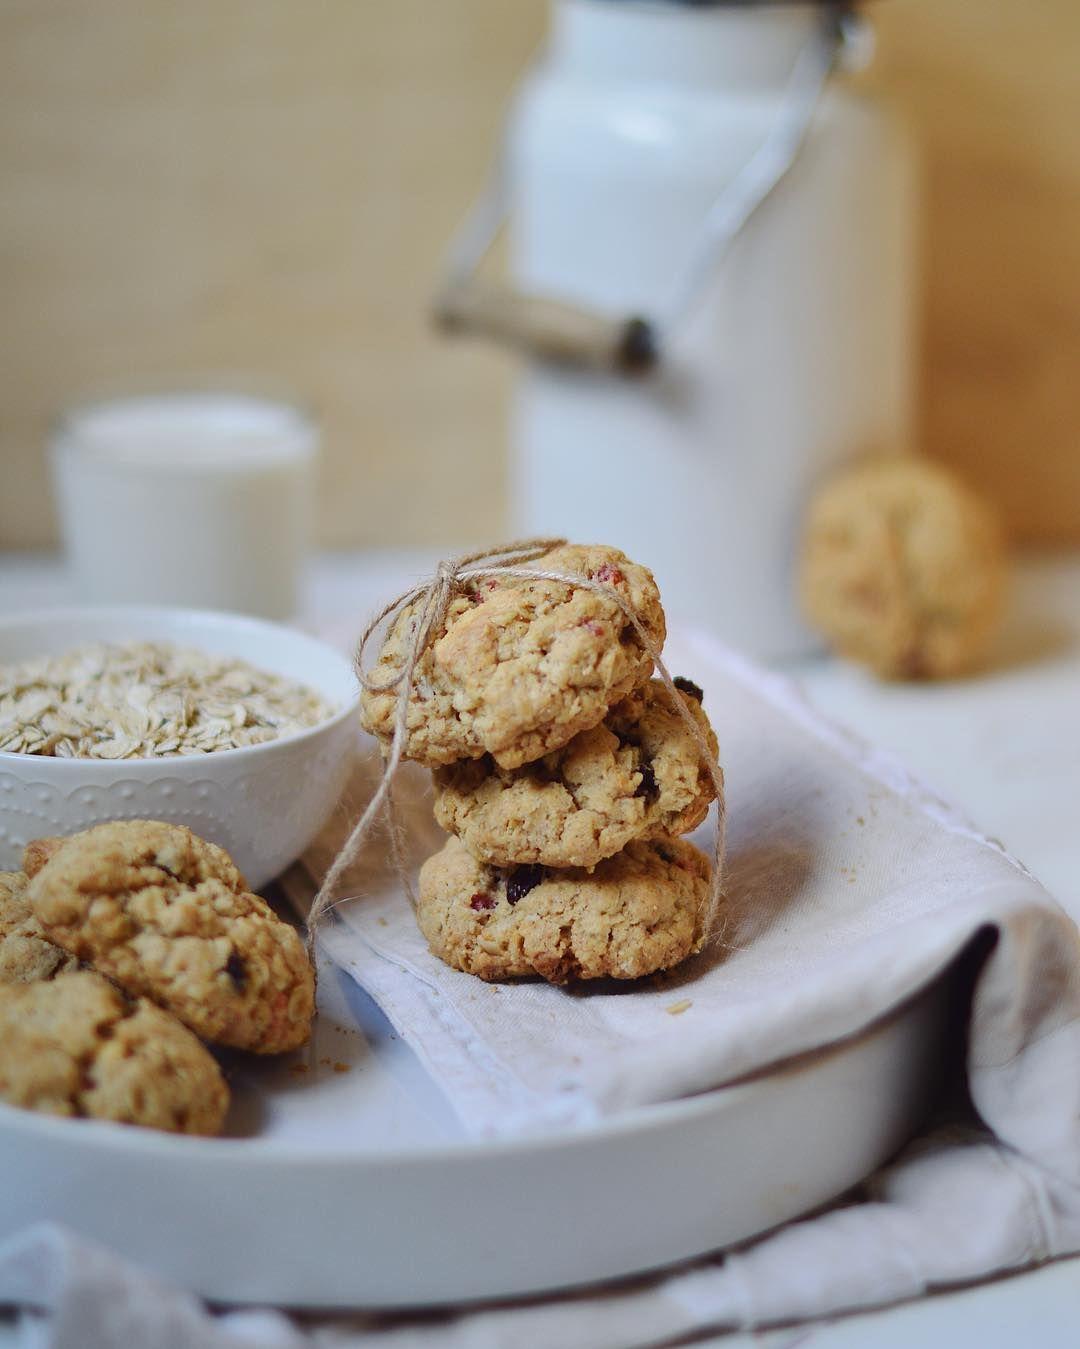 тема овсяное печенье на завтрак рецепт с фото располагается безветренном месте